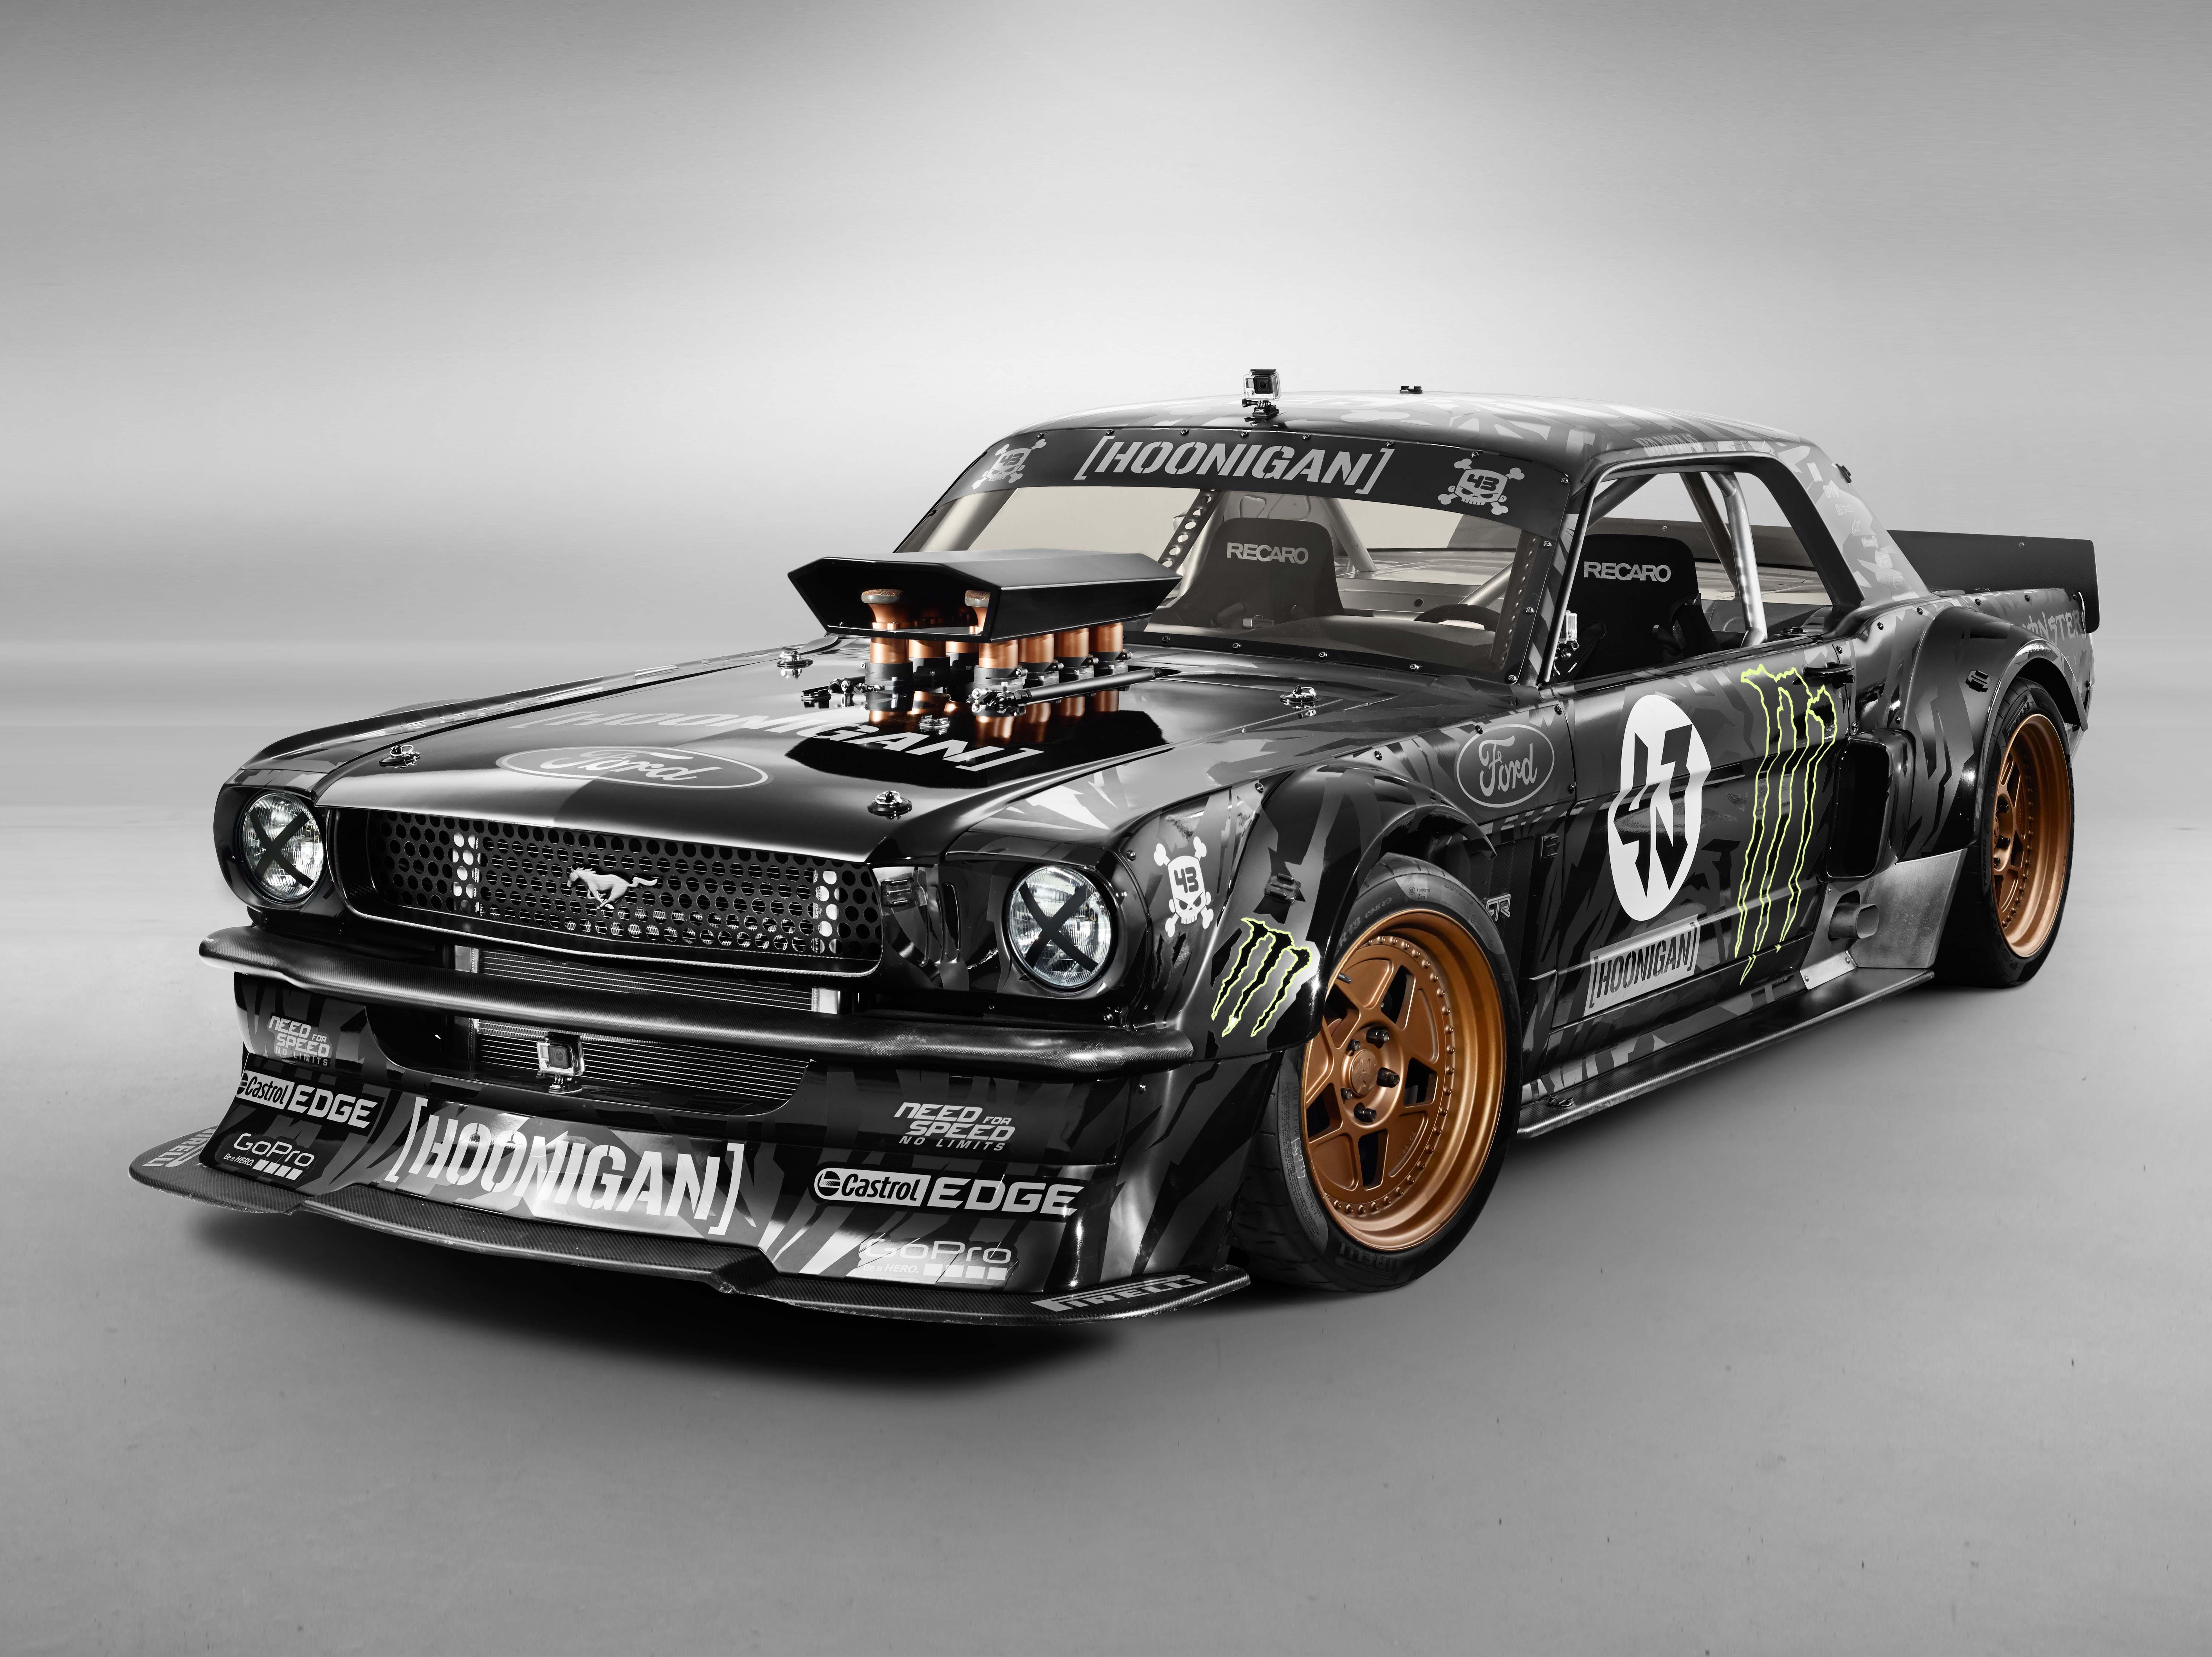 Ford Hoonigan Mustang